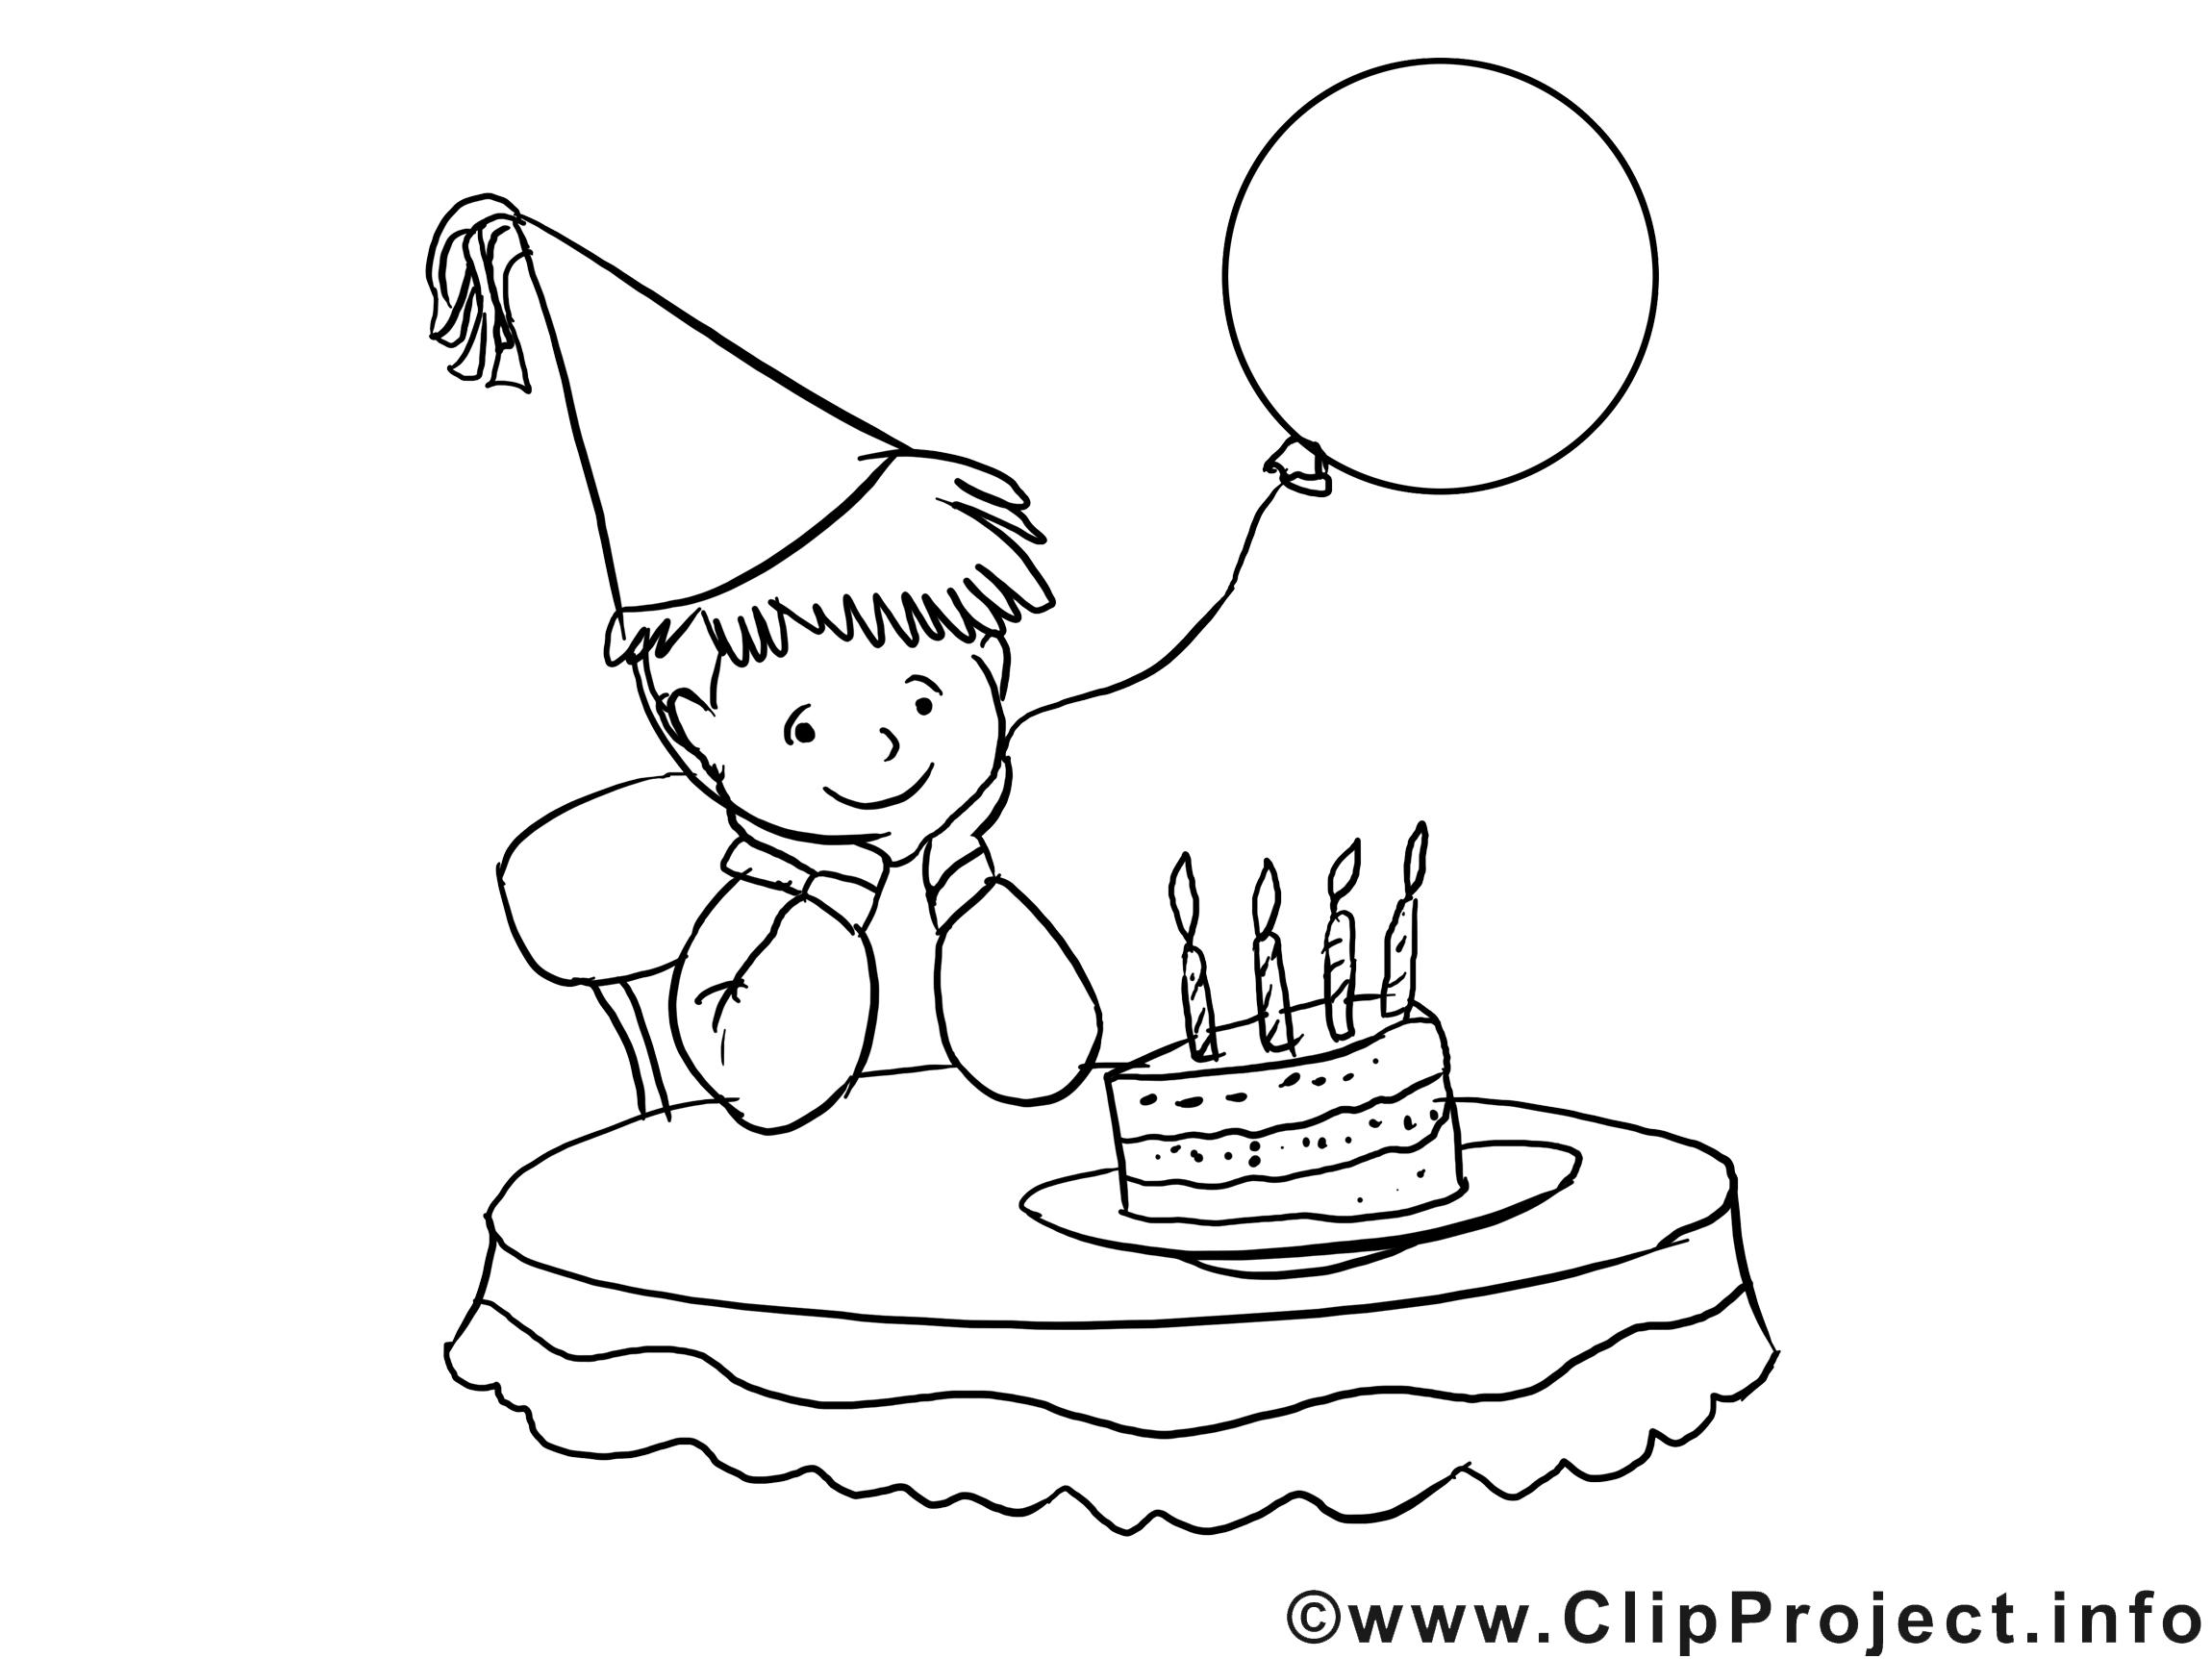 Clip art gratuit à imprimer garçon – Anniversaire dessin